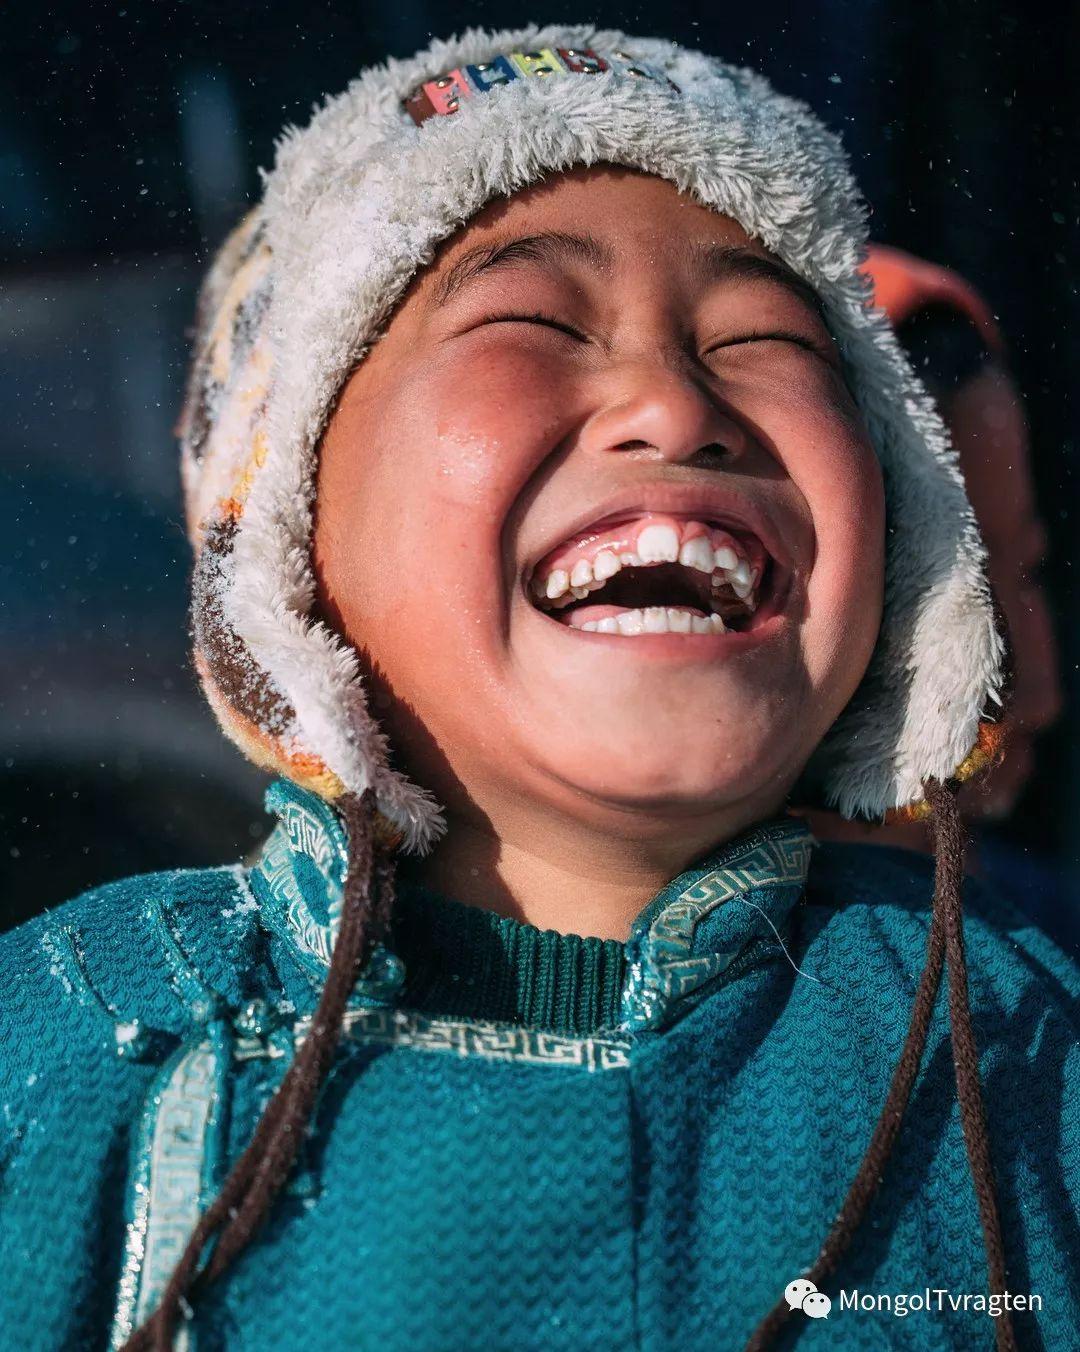 蒙古影像-- khangaikhuu.P 第19张 蒙古影像-- khangaikhuu.P 蒙古文化